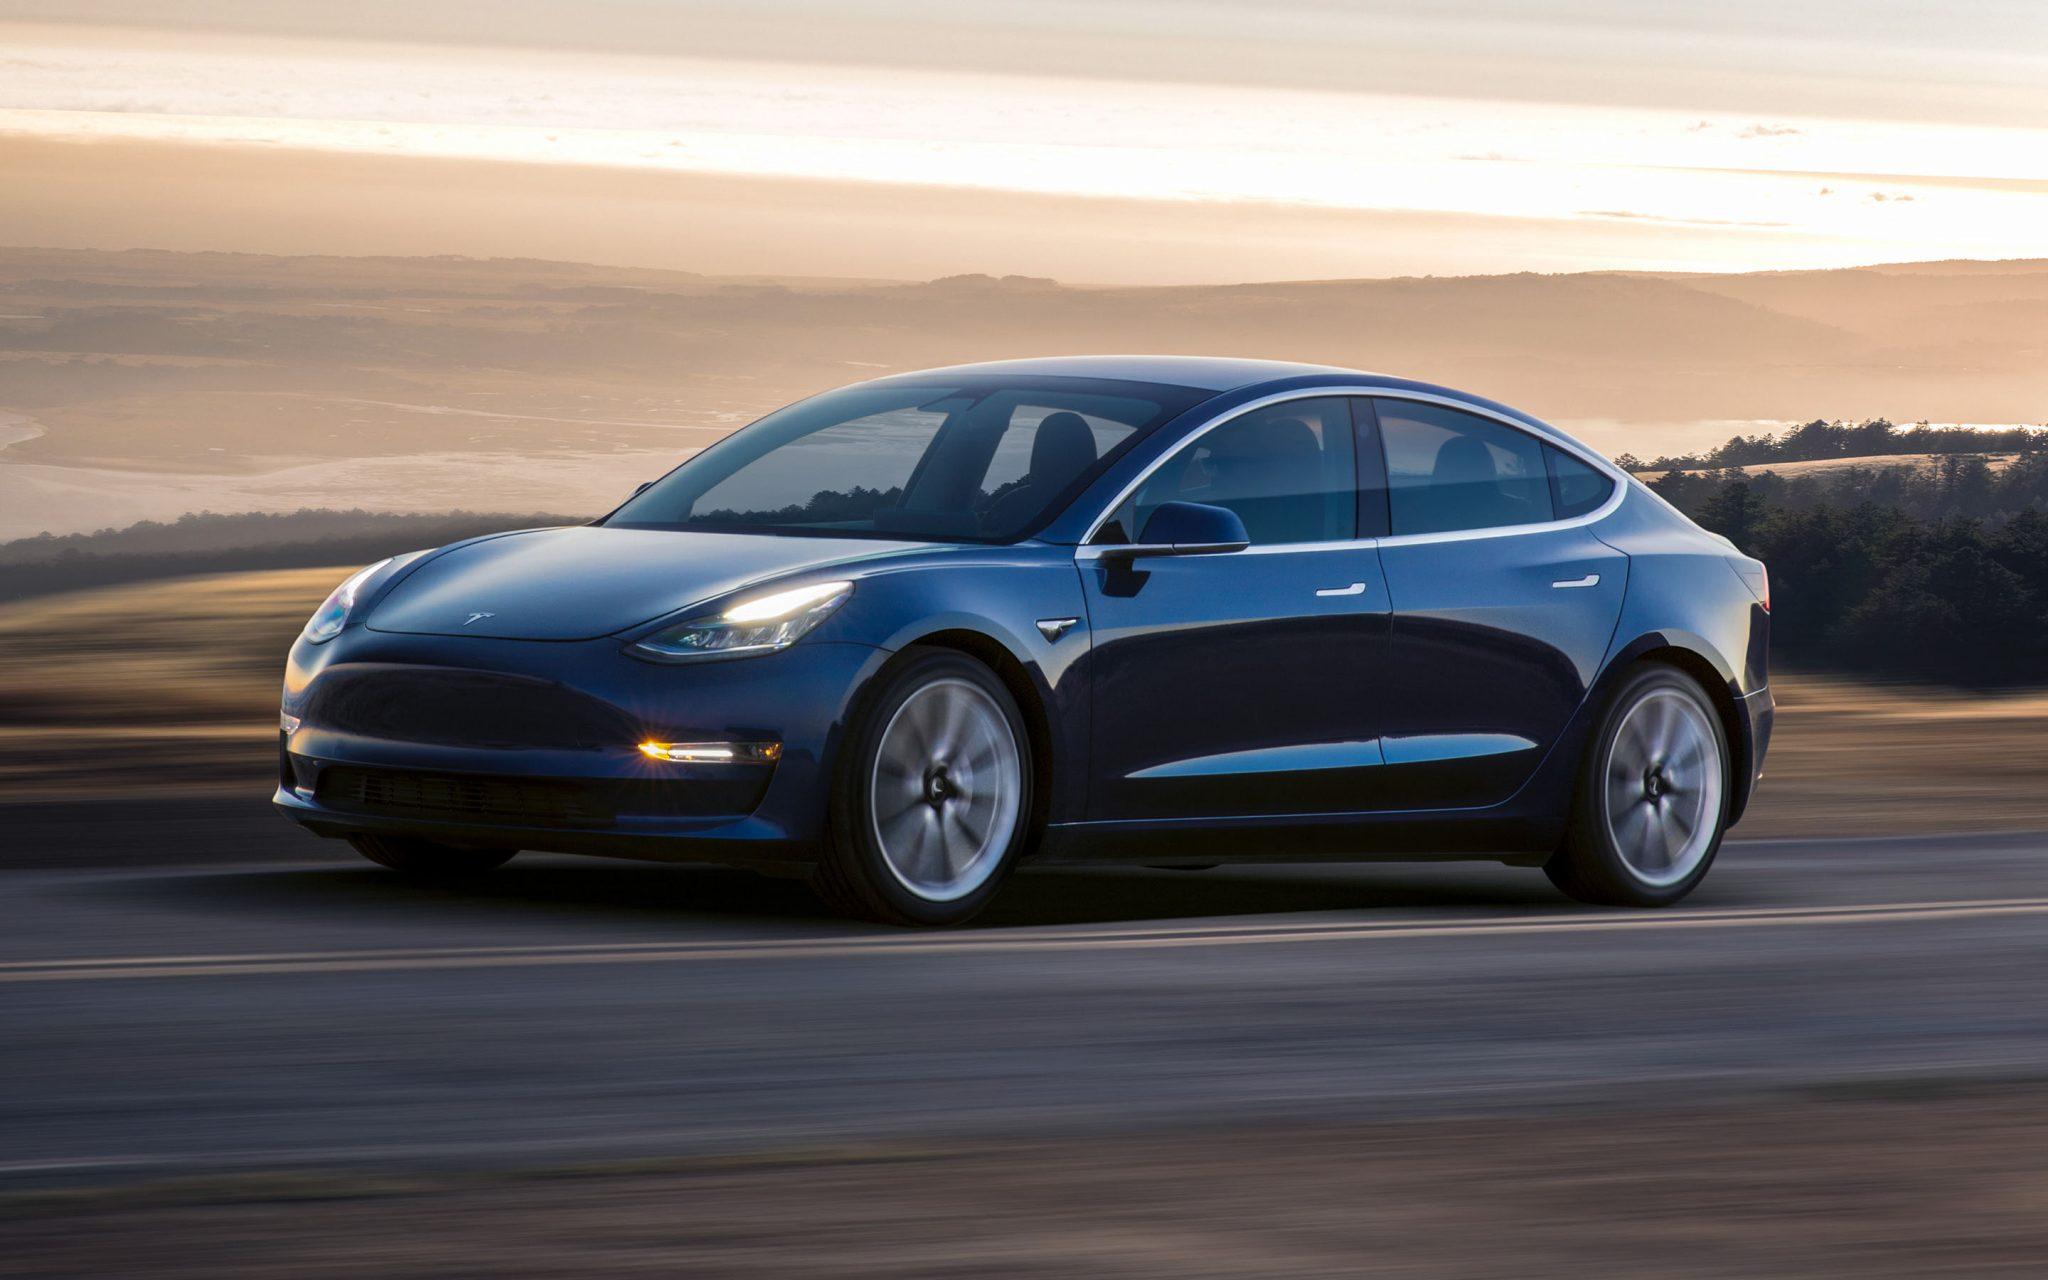 La producción del Tesla Model Y ya tiene fecha: ¡atento!